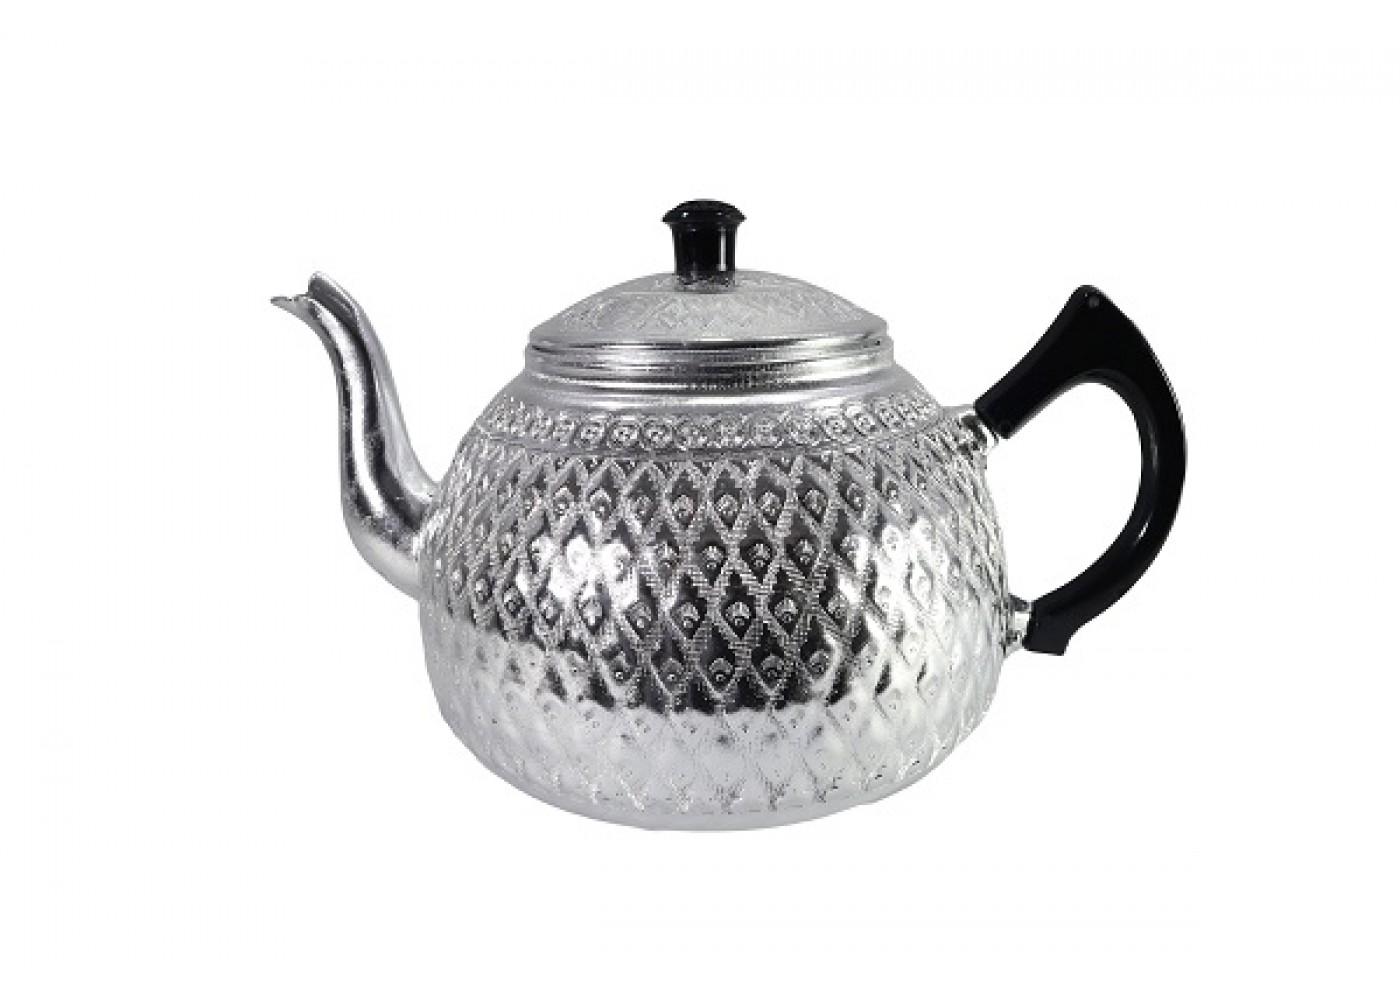 ابريق شاي شاهي تايلندي بيد اسود مقاس 14سم